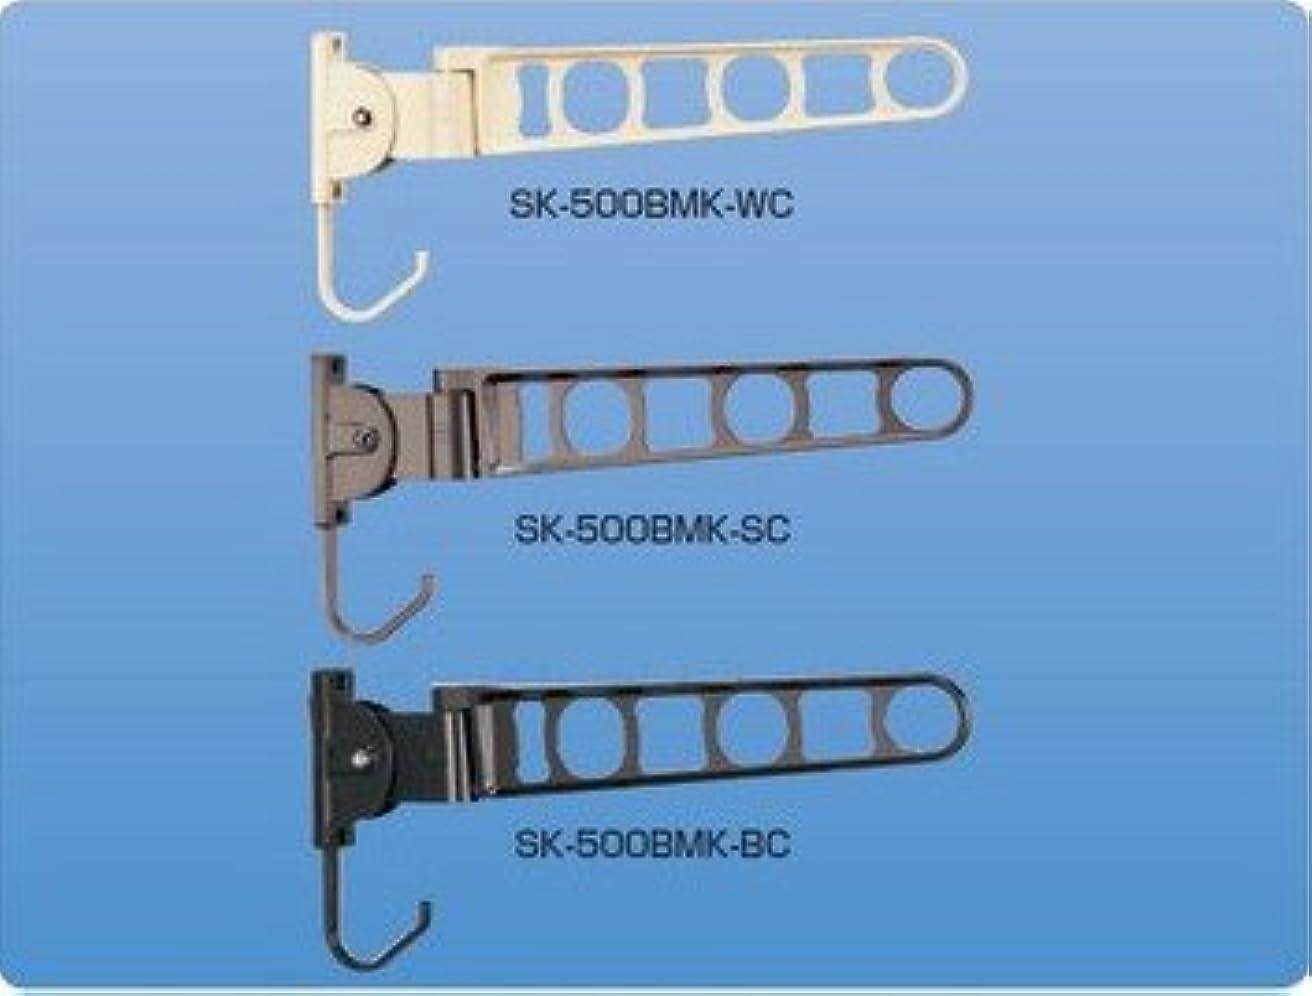 役に立たないアナニバー熟達新協和 バルコニー物干金物 (横収納型) SK-500BMK-BC/ダークブロンズ 1本 物干し金物